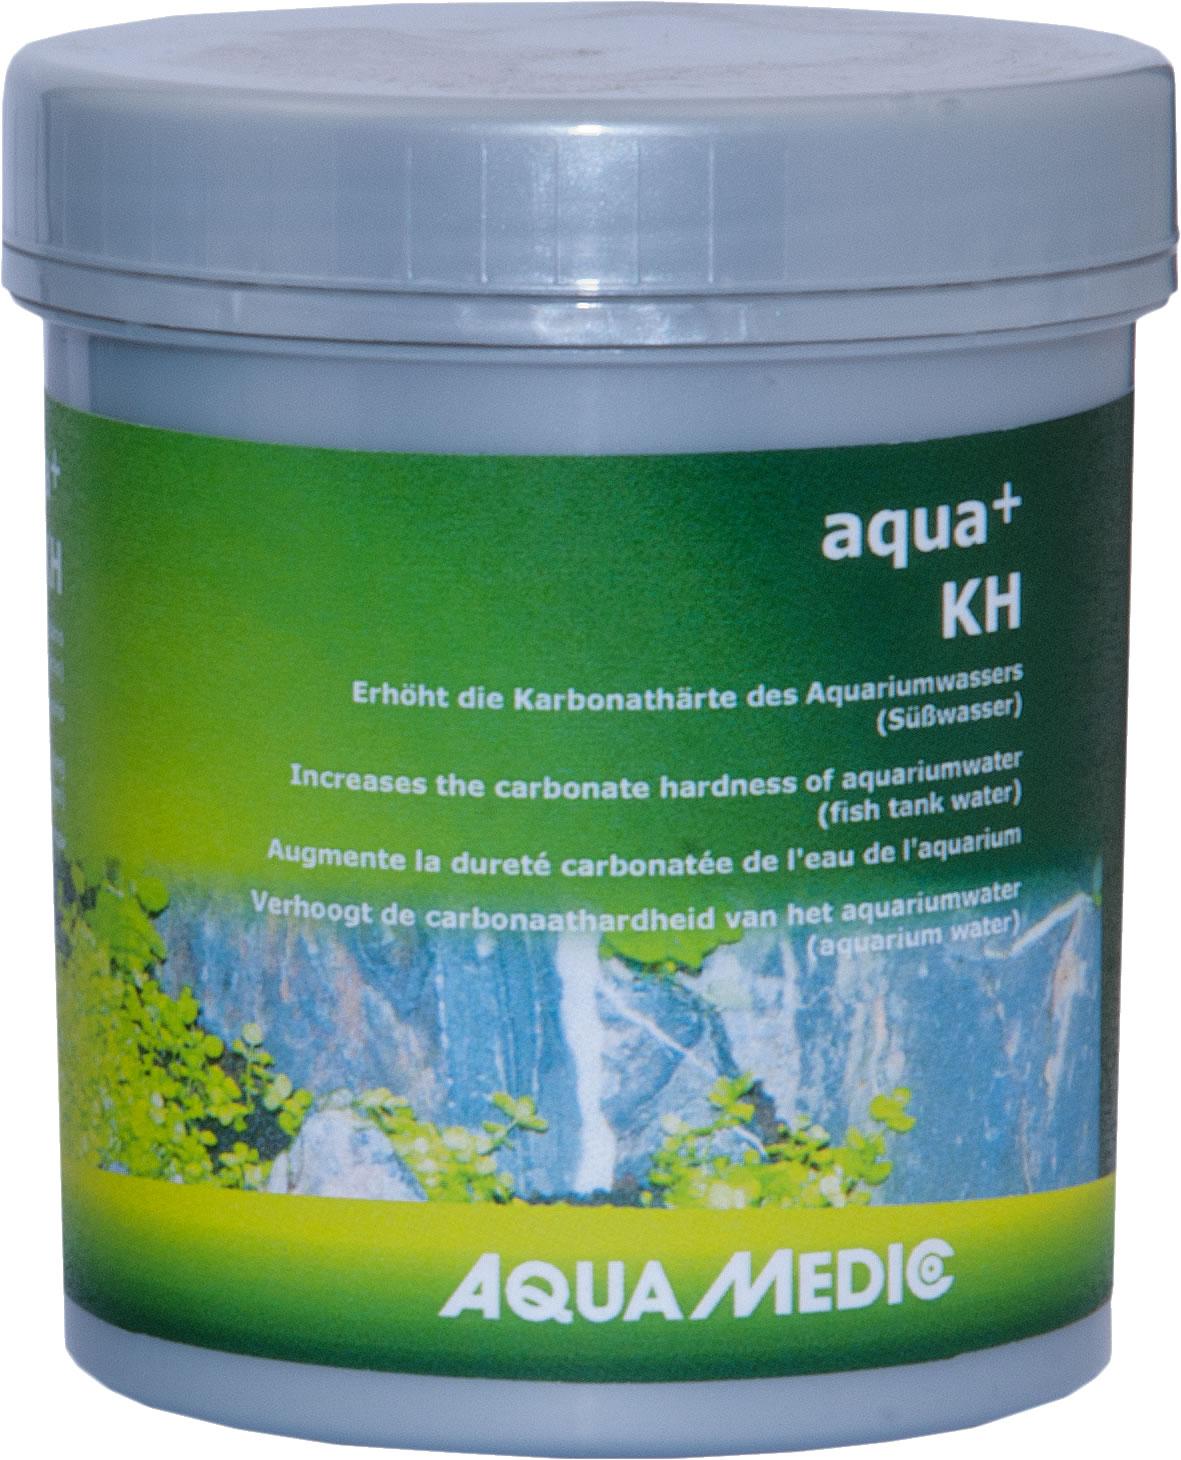 Aqua Medic aqua +KH - 300 g